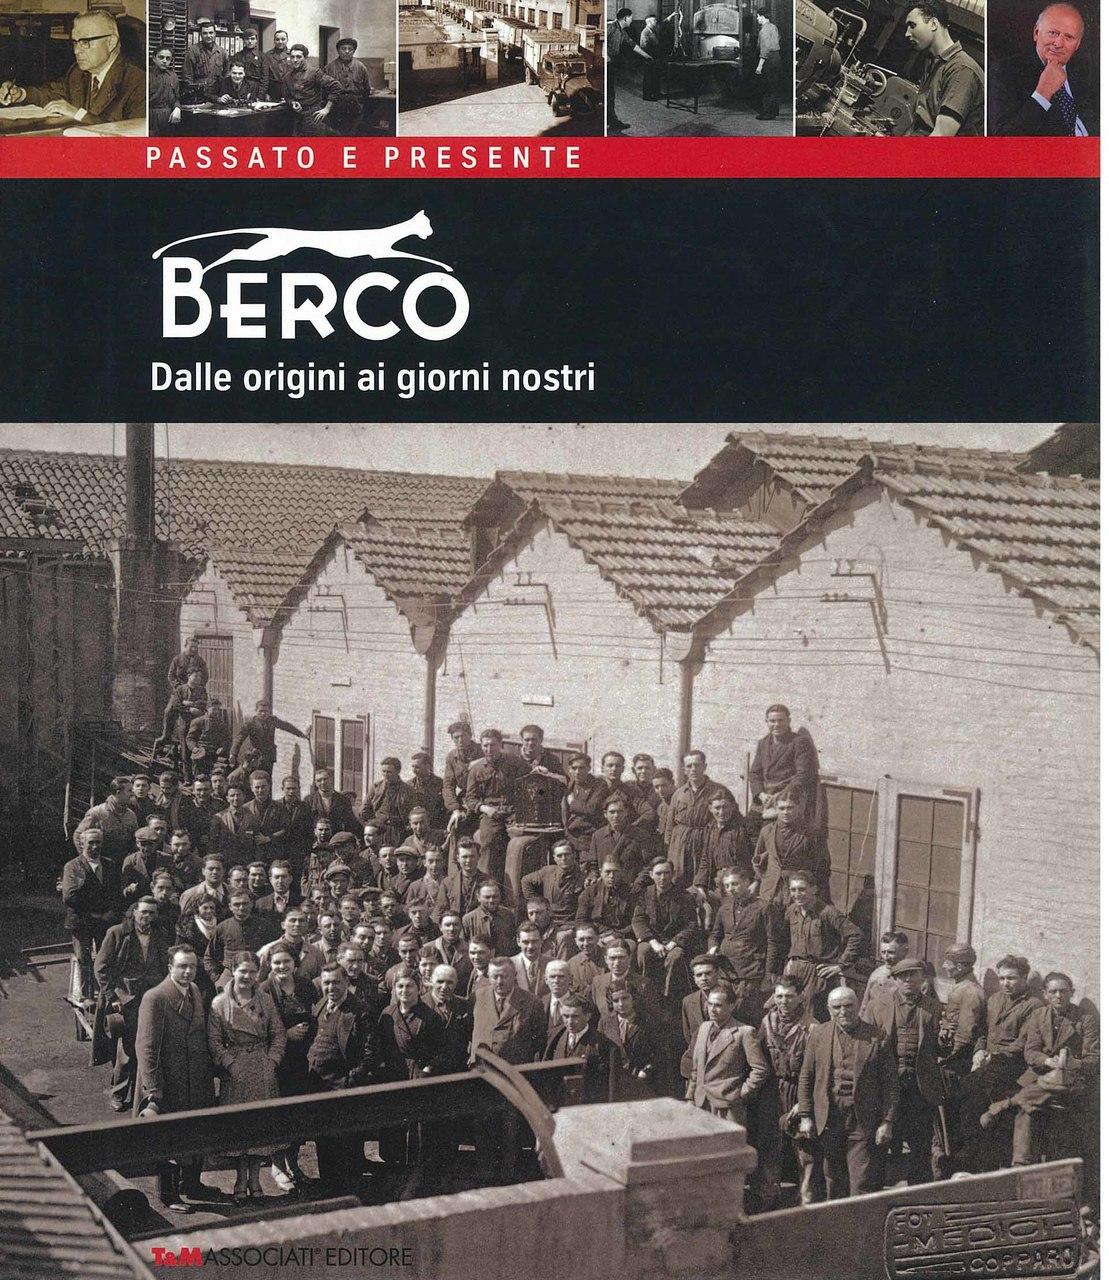 BERCO, Reggio Emilia, T&M associati editore, 2006